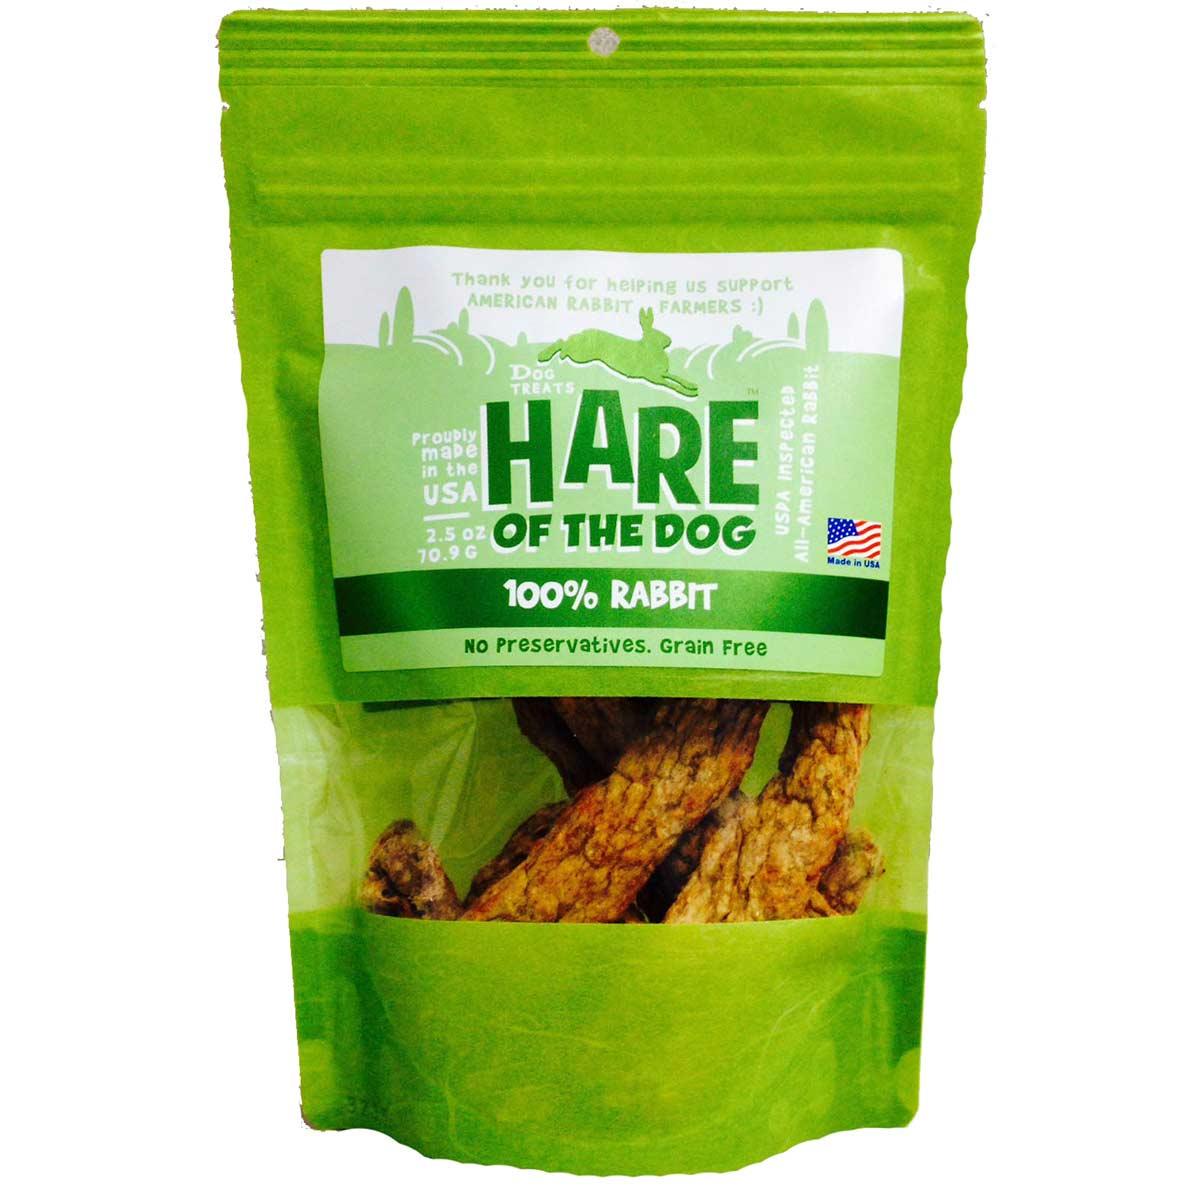 Hare of the Dog Rabbit Jerky Dog Treats